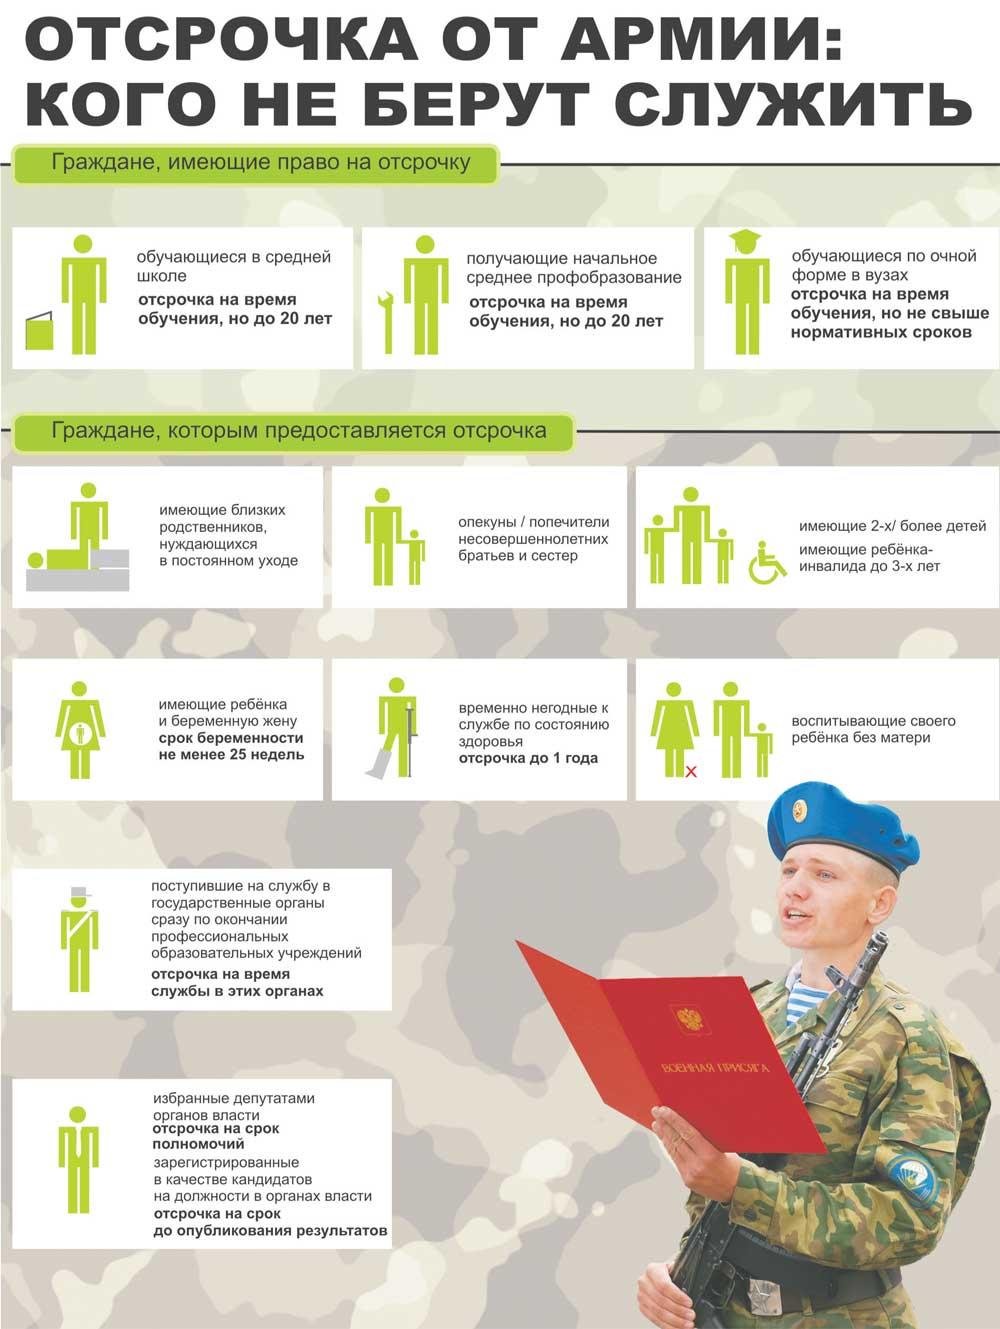 Сколько раз дают отсрочку от армии по учебе 2018